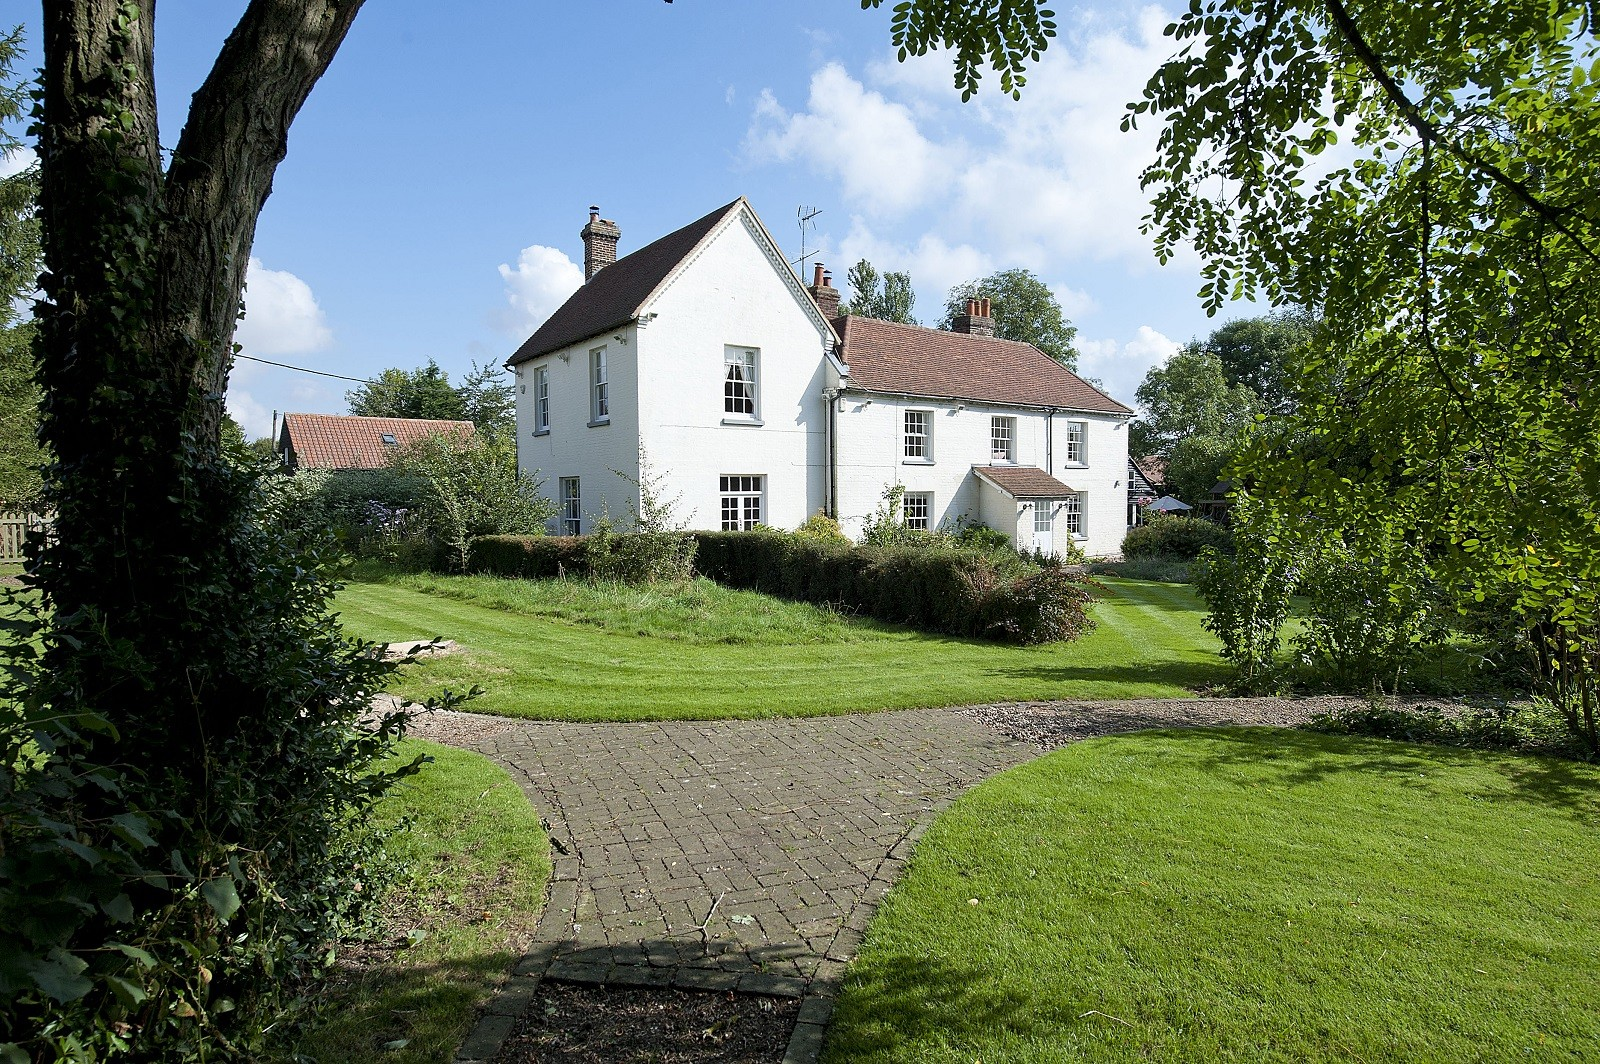 Herons Lane, Fyfield, Ongar, Essex, CM5